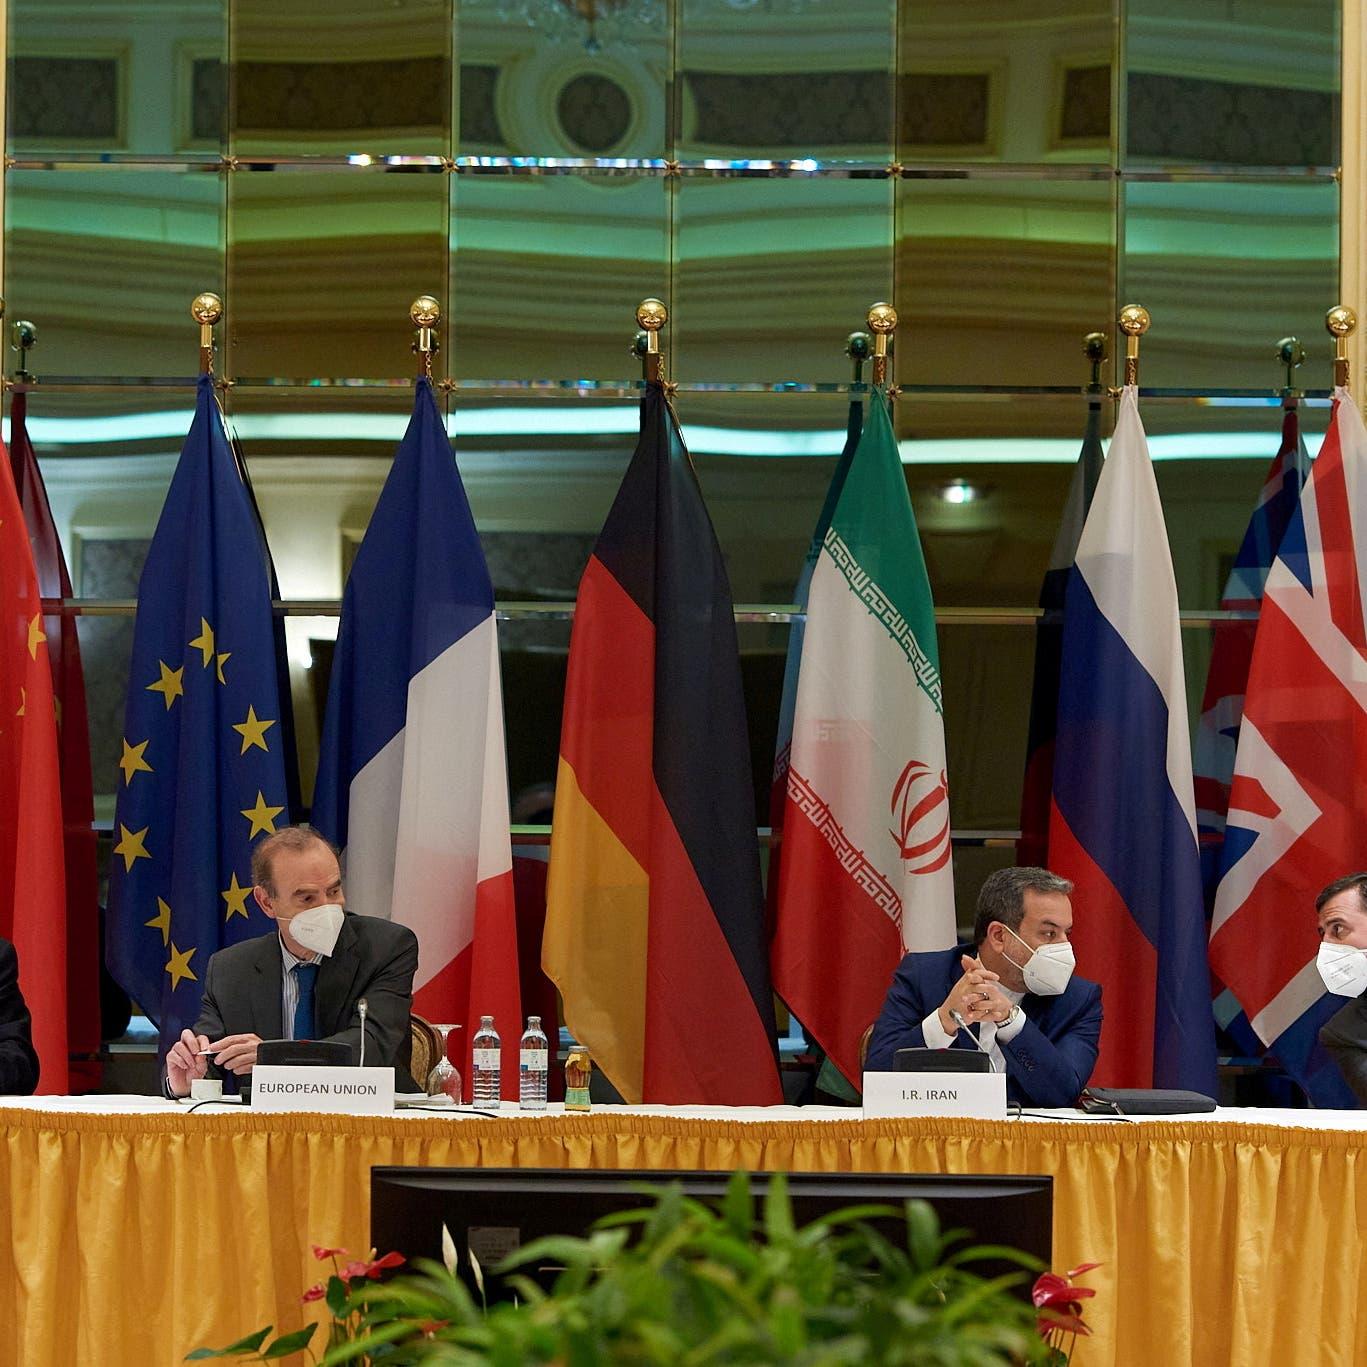 فرنسا عن عودة إيران لمفاوضات فيينا: نعول على الصين